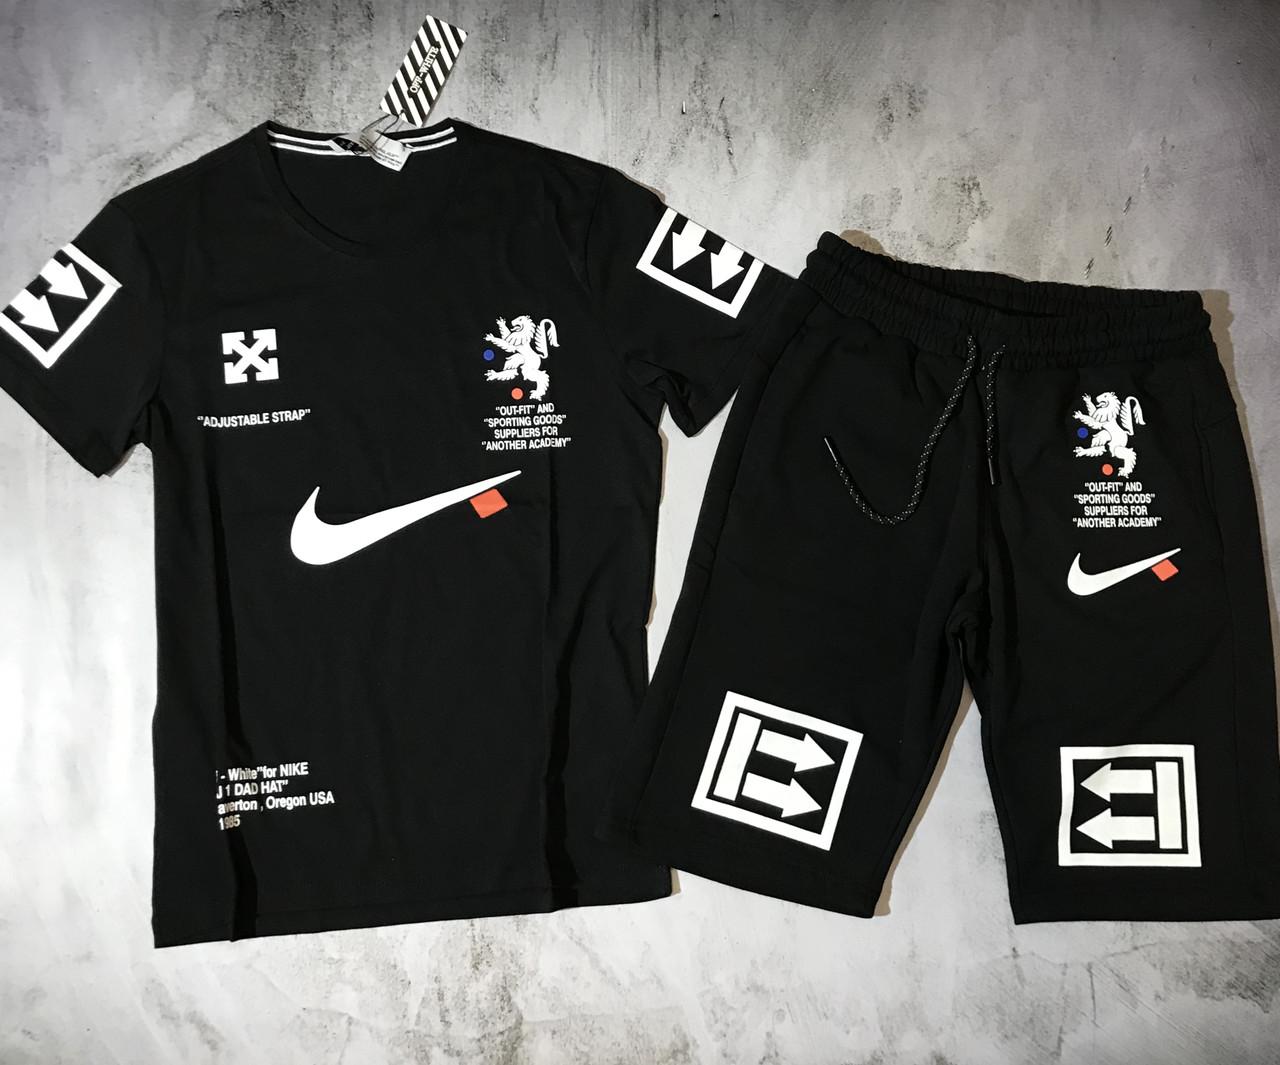 Чоловічий спортивний костюм (футболка і шорти) Nike Lion king